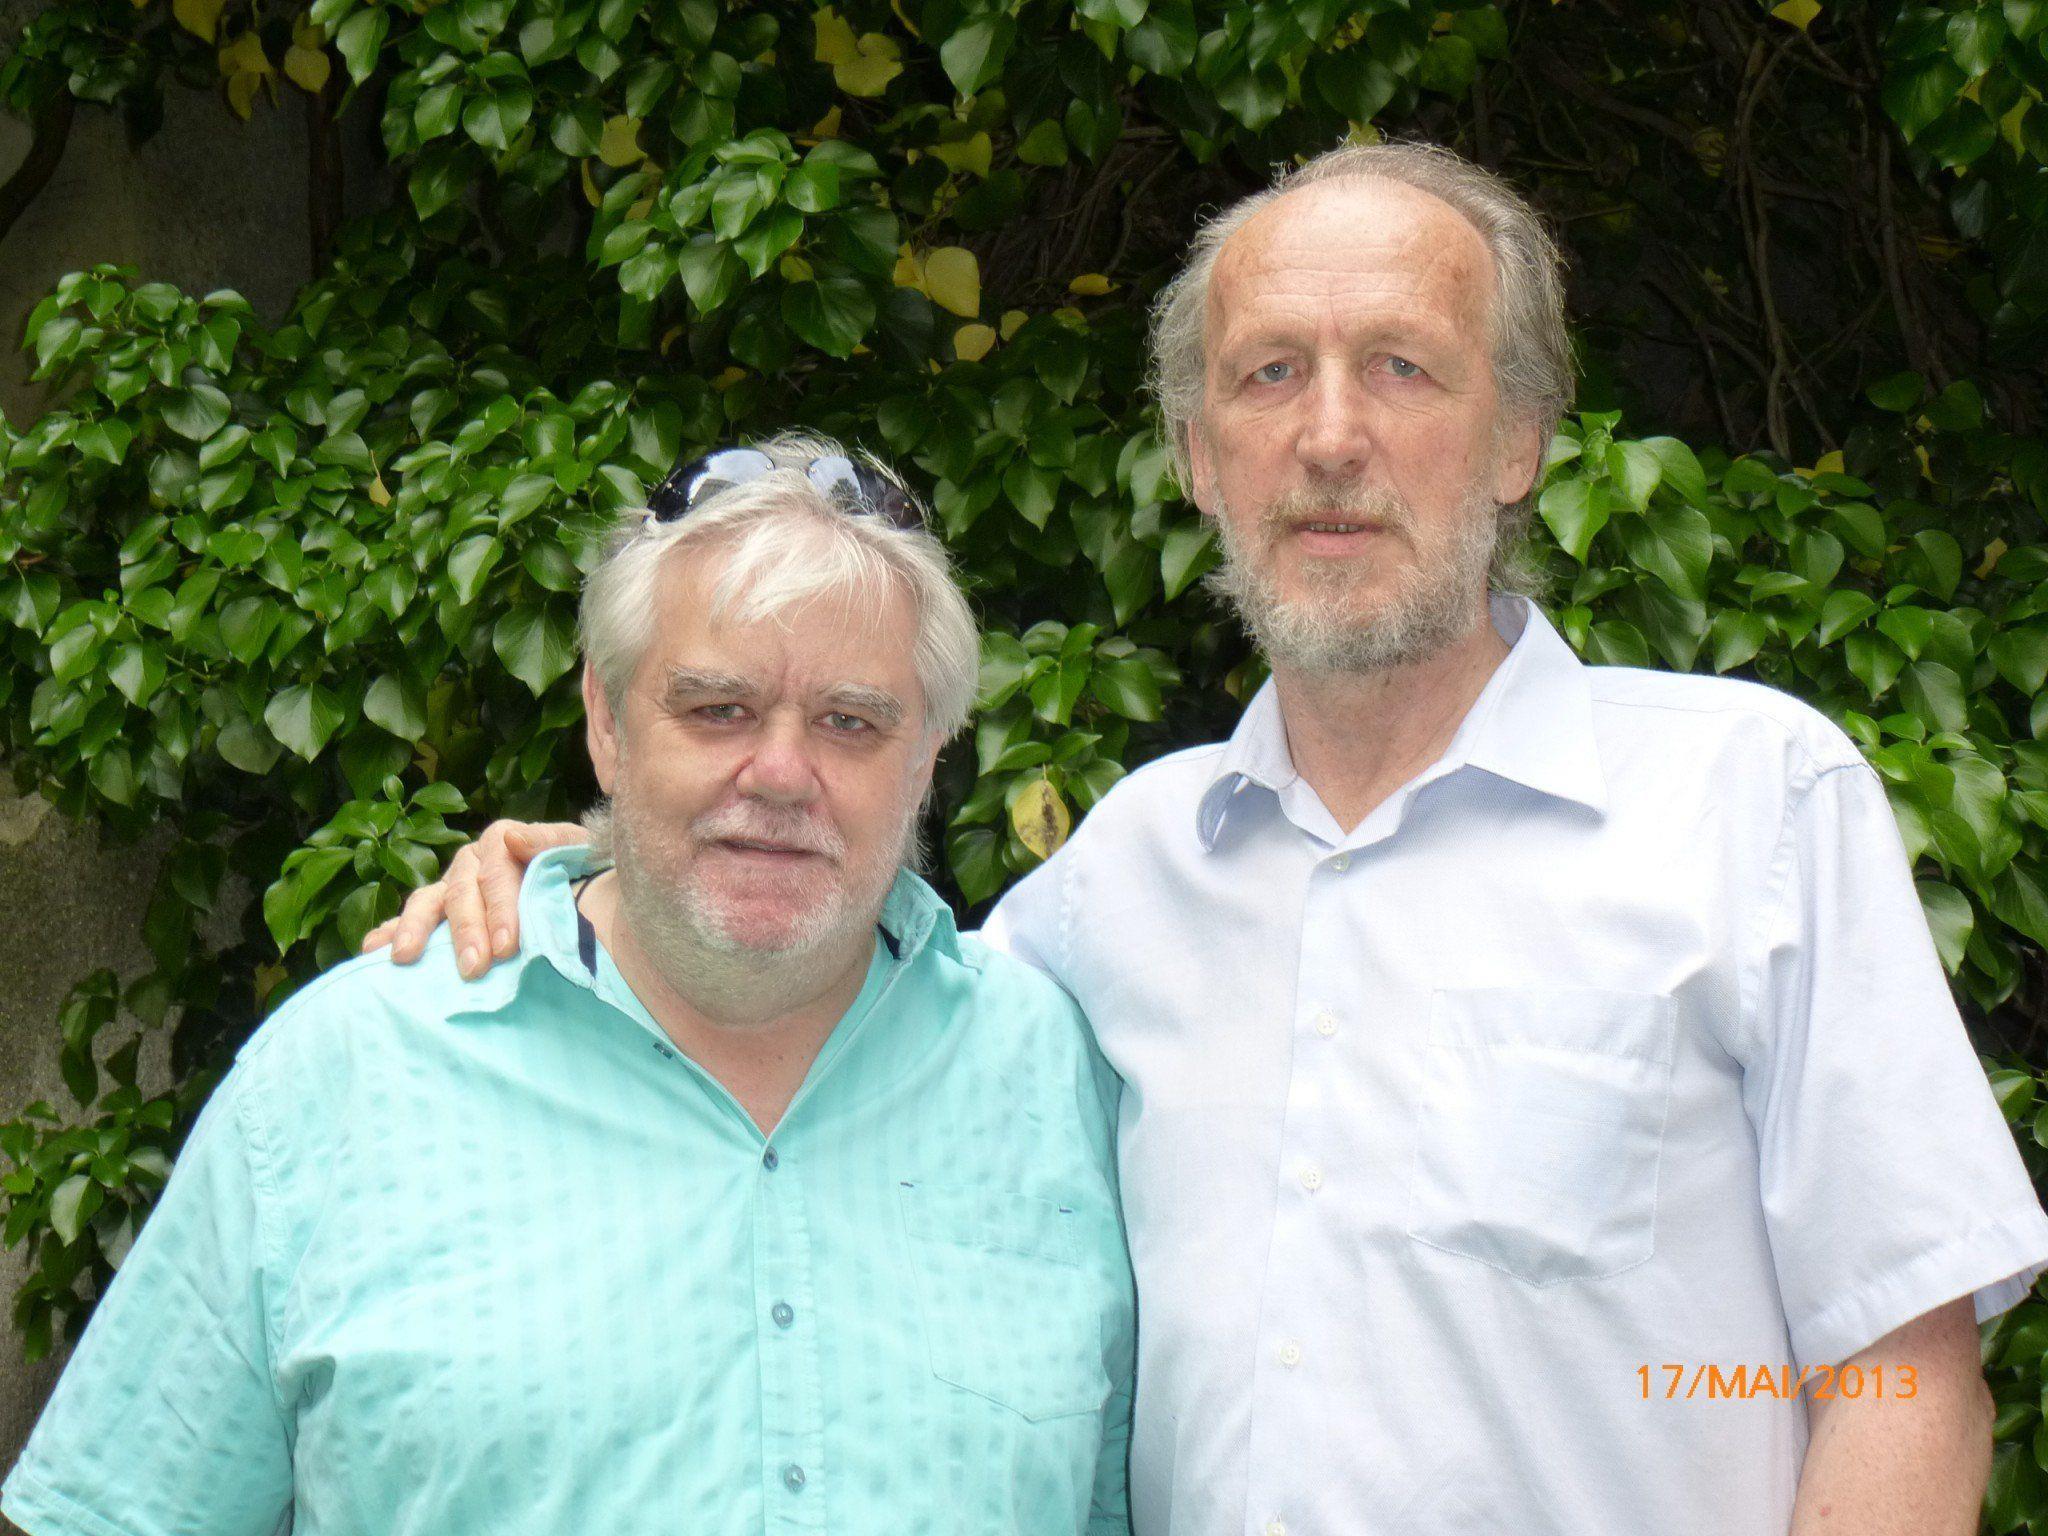 Teilnehmer Rudolf Schmalzl & Projektleiter Hubert Vogl